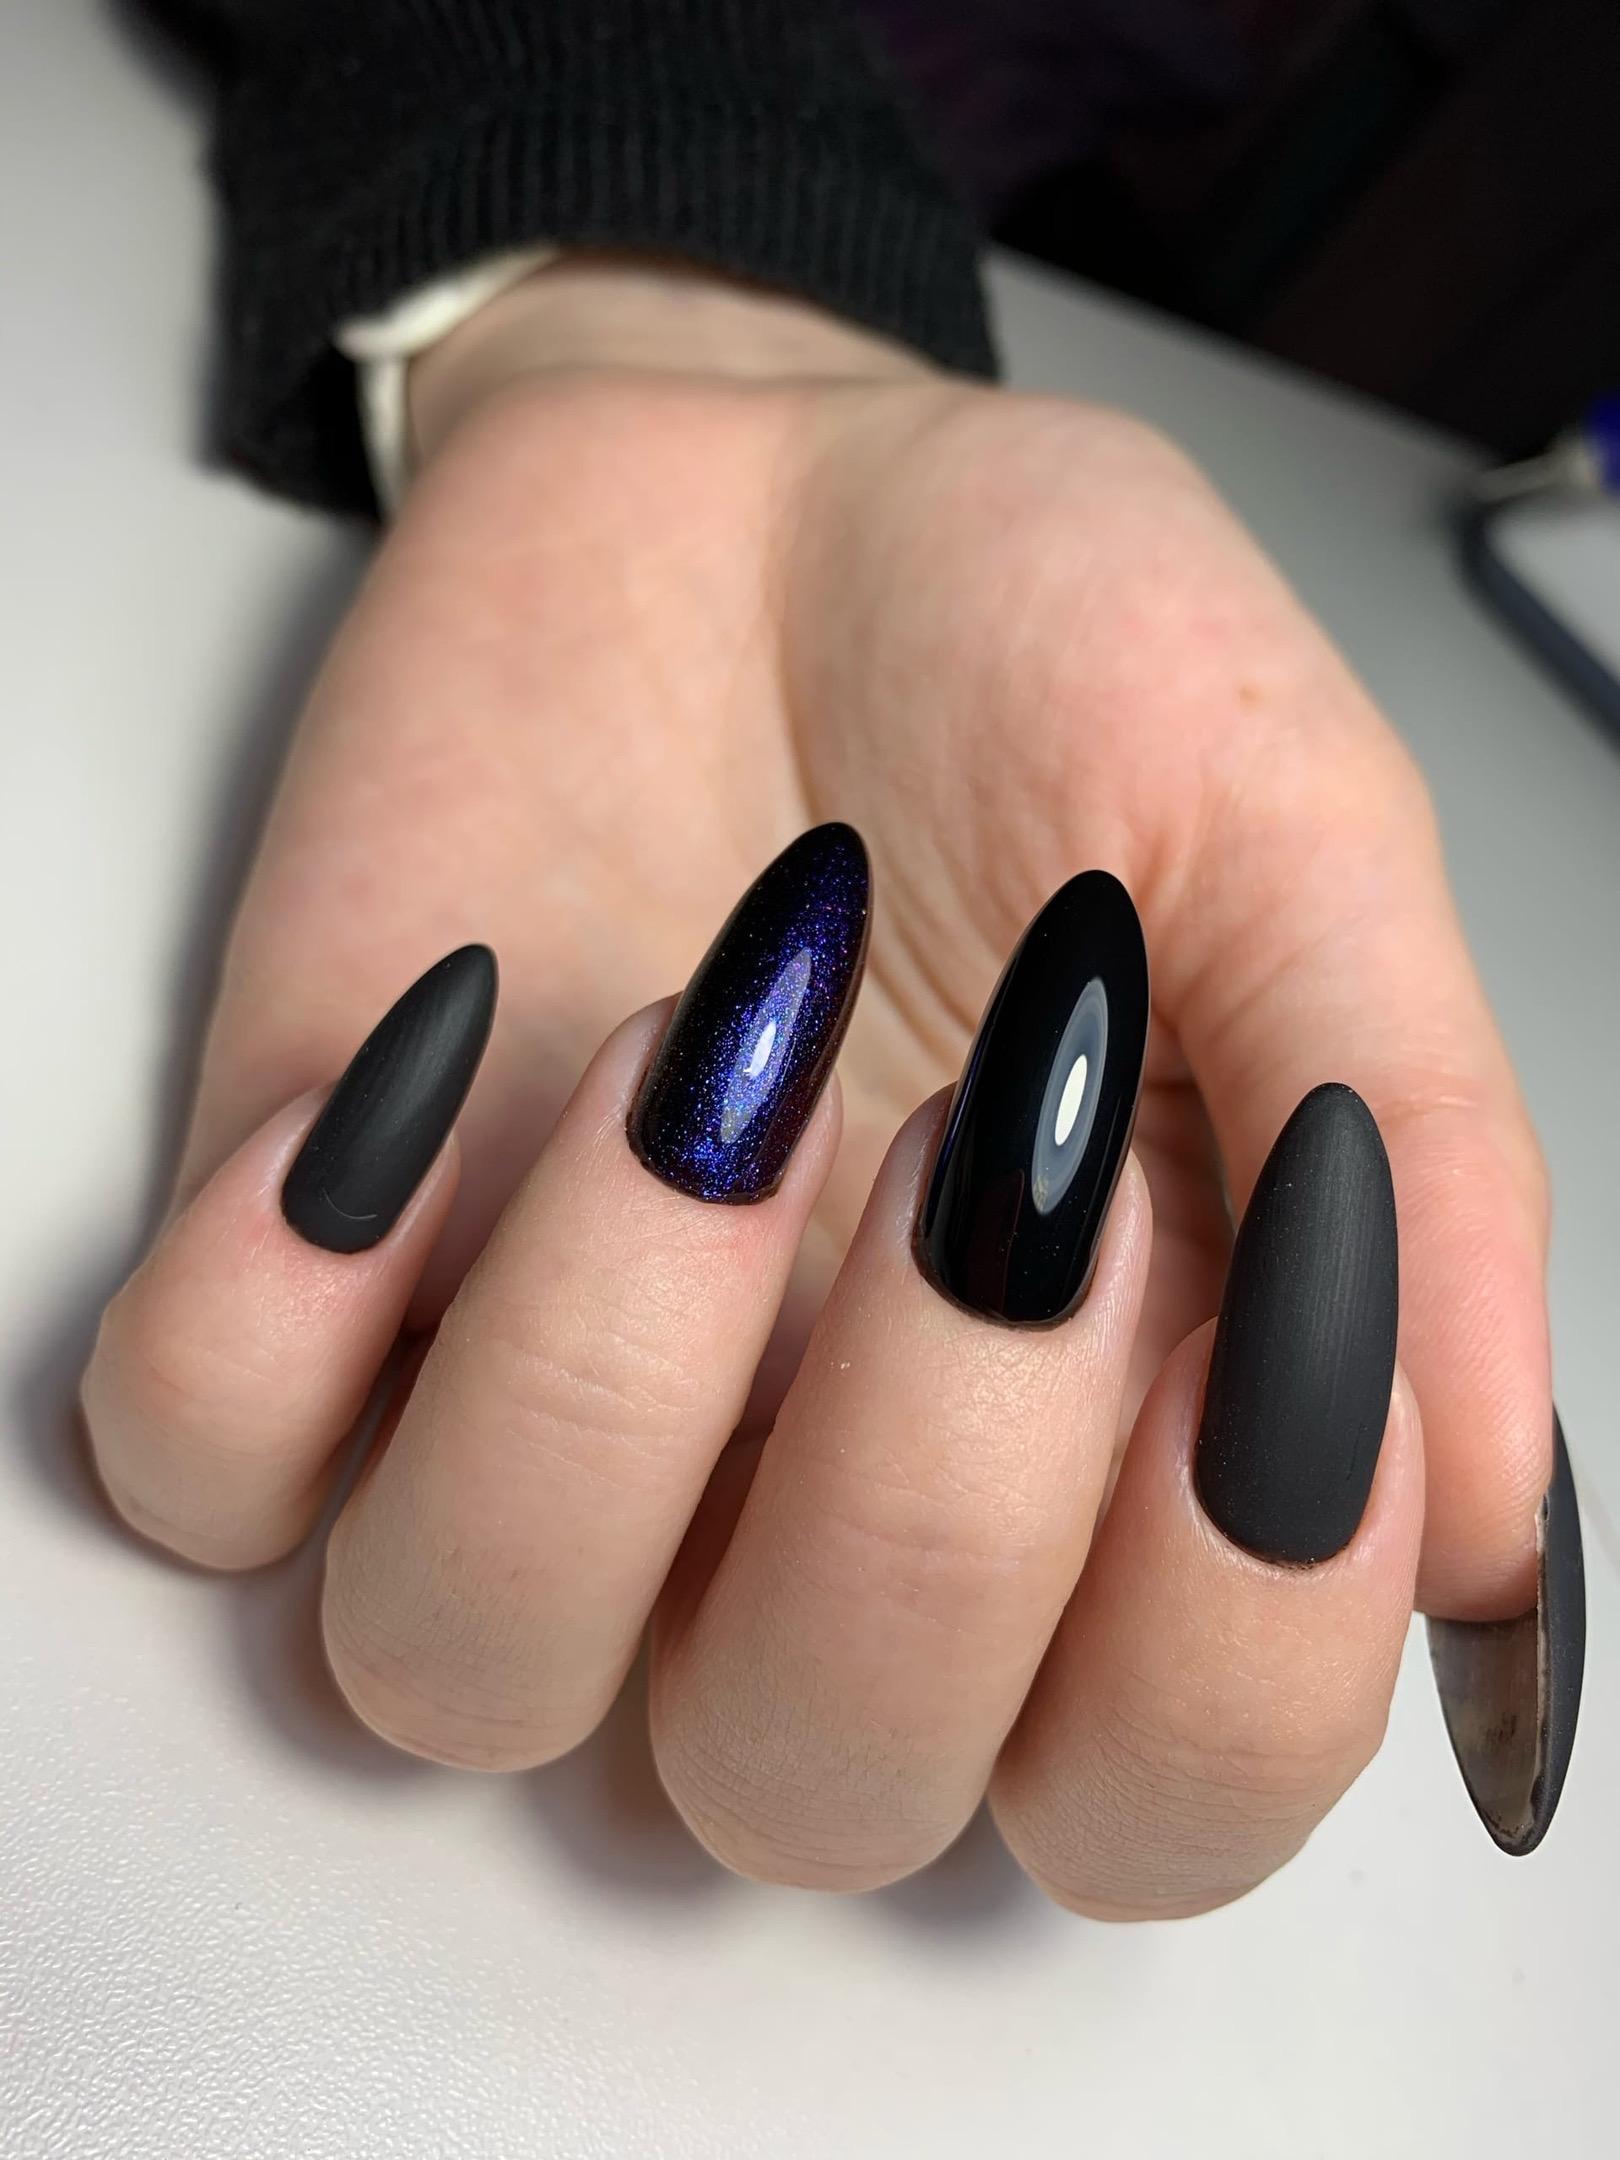 Маникюр с матовым дизайном и блестками в черном цвете на длинные ногти.